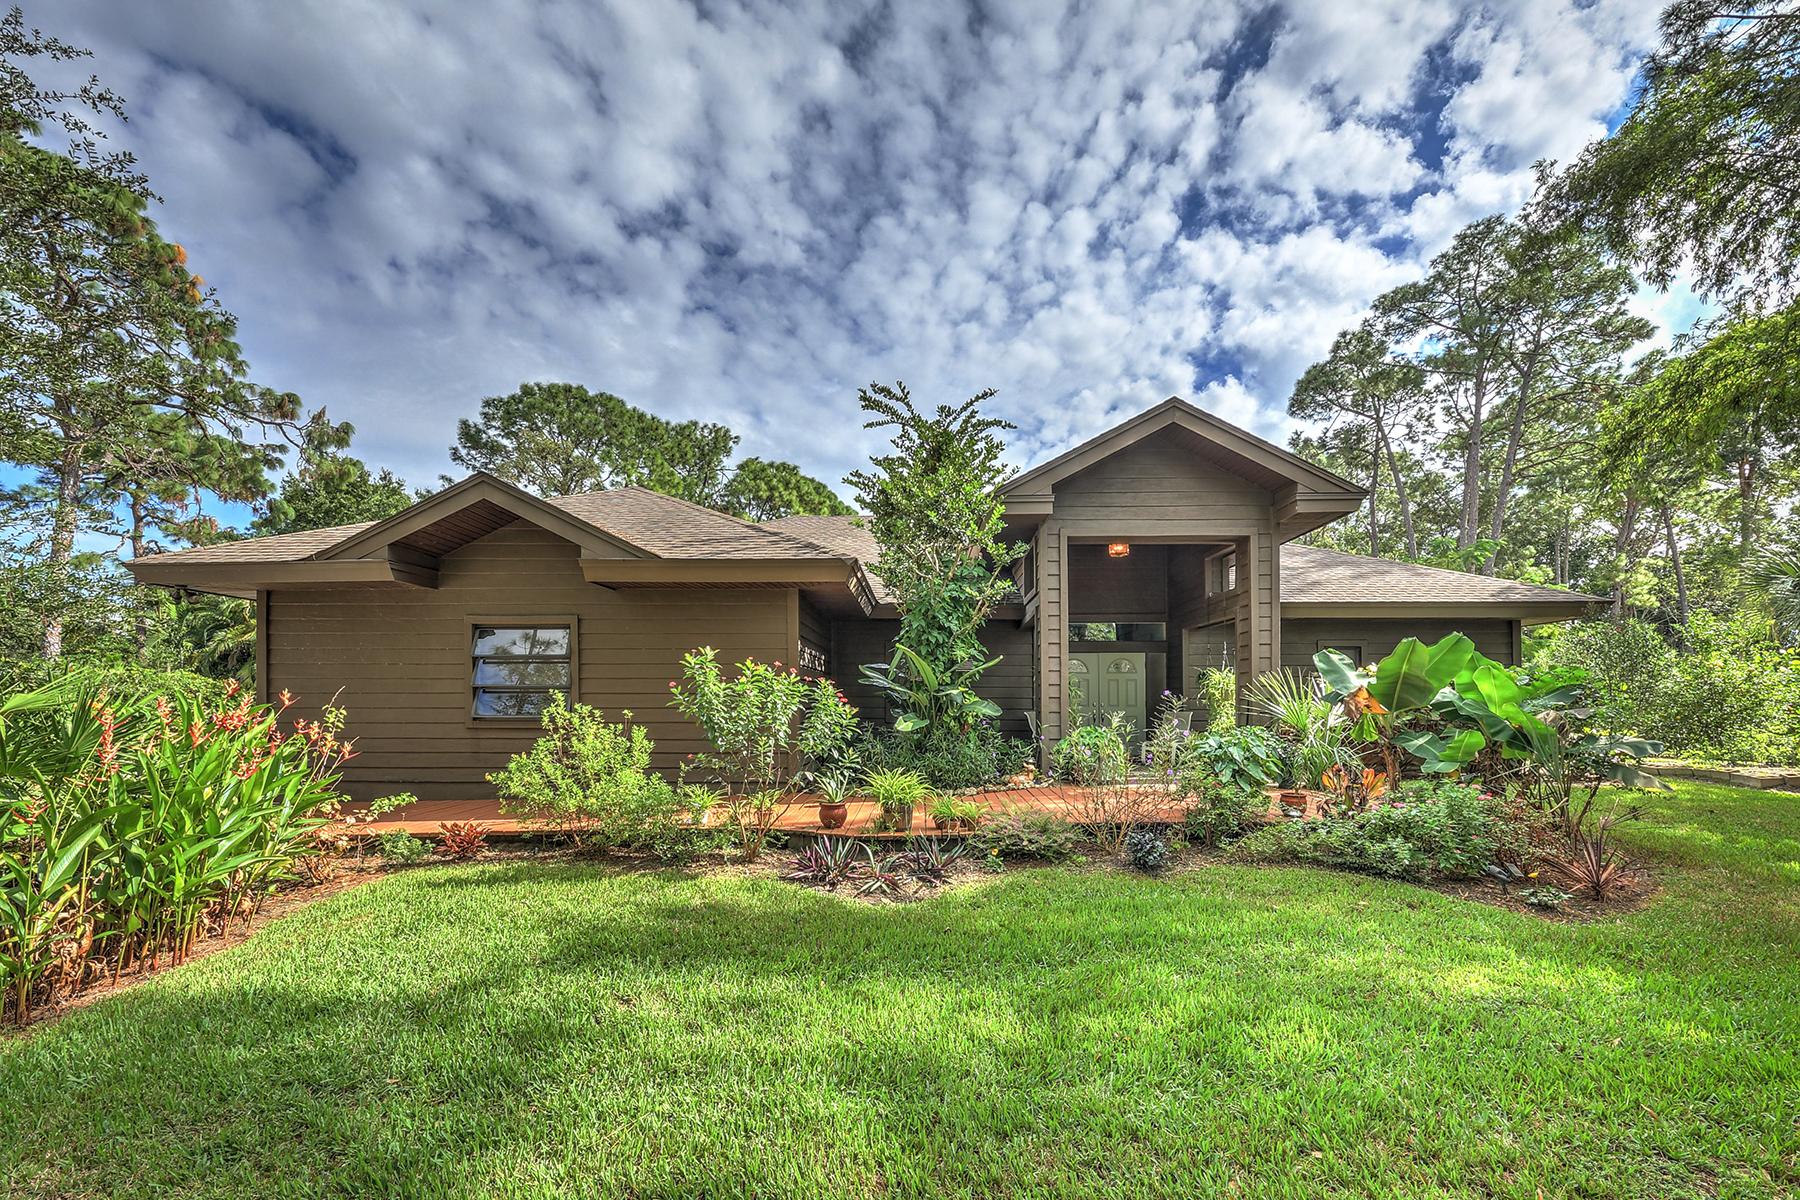 Maison unifamiliale pour l Vente à PINE RIDGE 632 Hickory Rd Naples, Florida, 34108 États-Unis